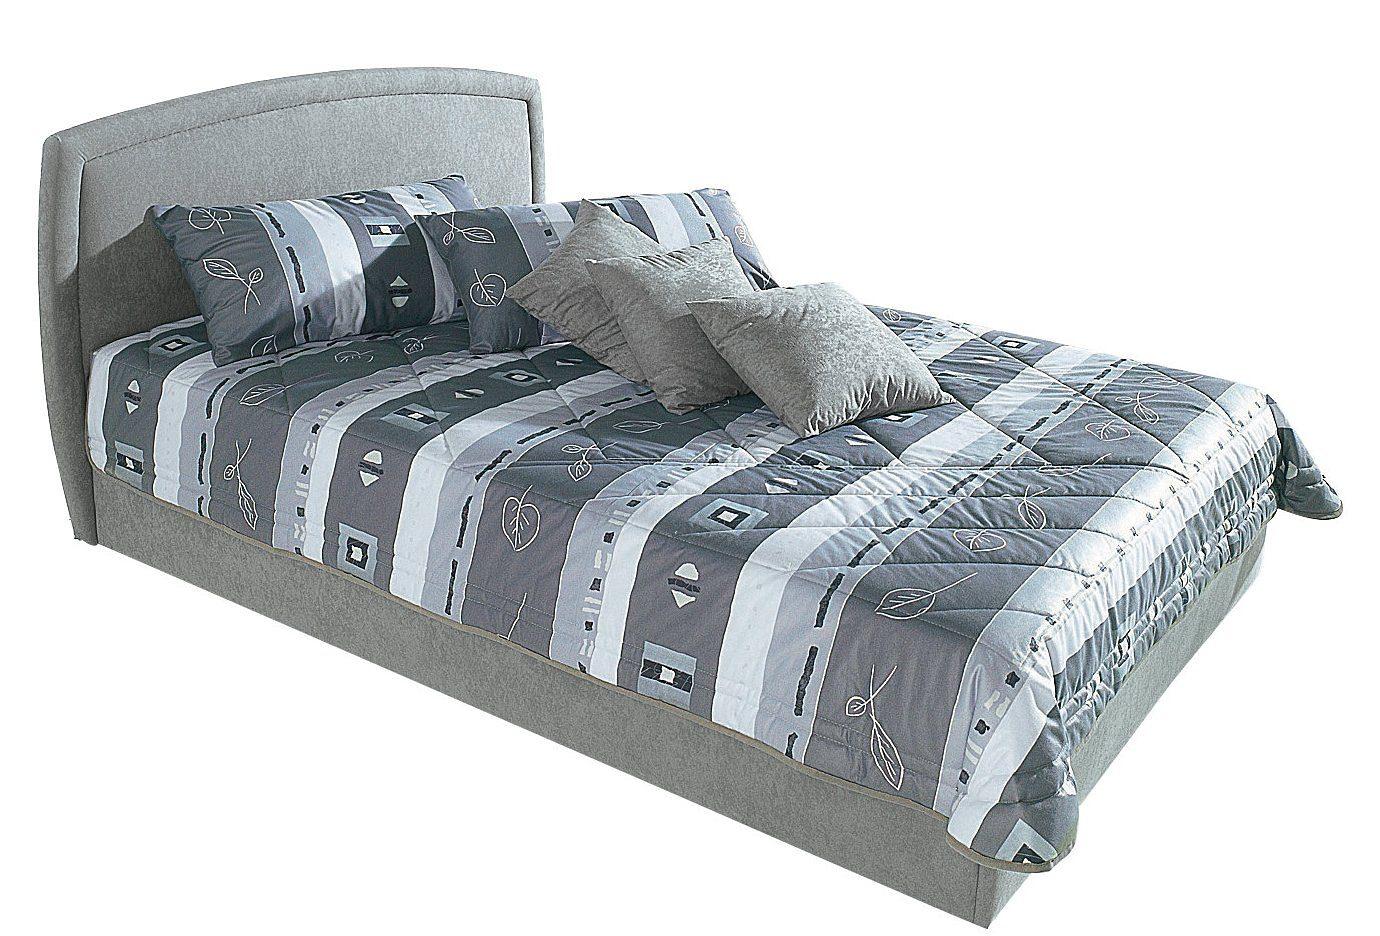 Westfalia Schlafkomfort Polsterbett | Schlafzimmer > Betten > Polsterbetten | Grau | Westfalia Schlafkomfort